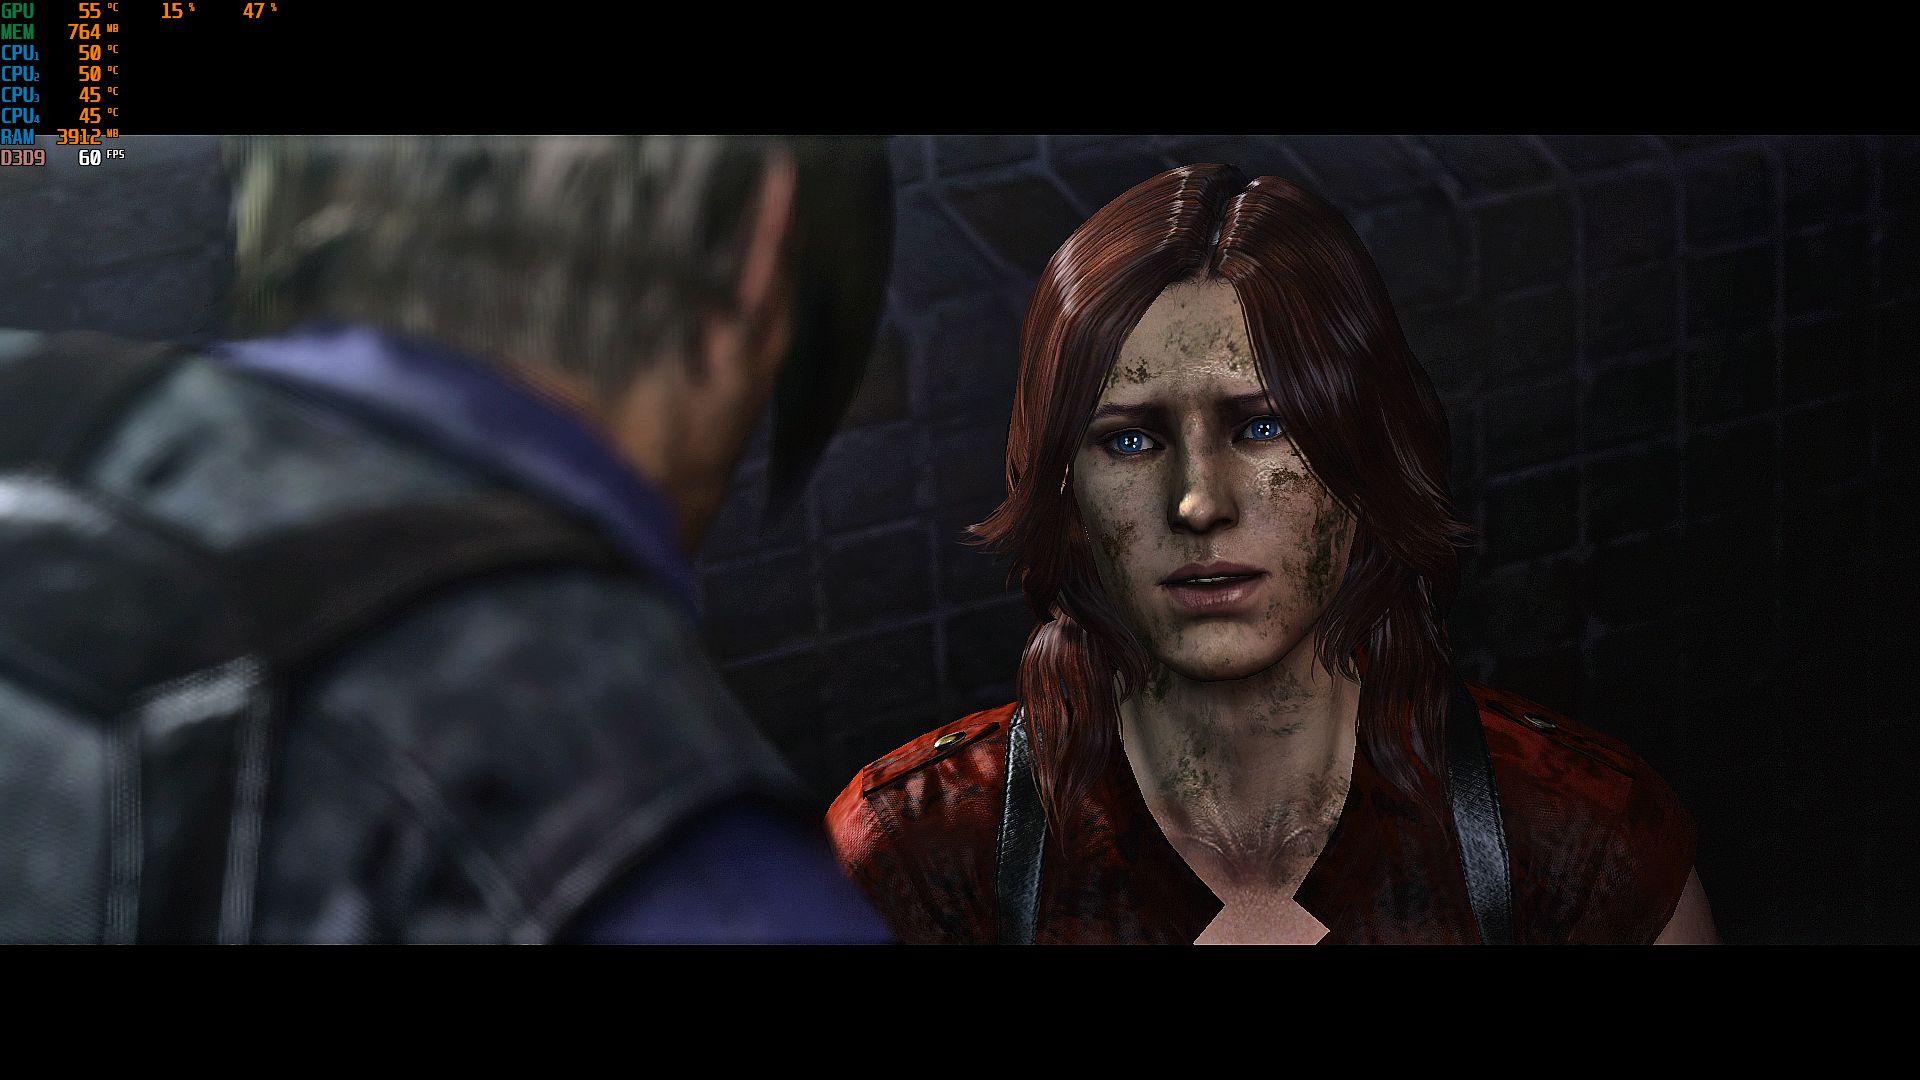 000216.Jpg - Resident Evil 6